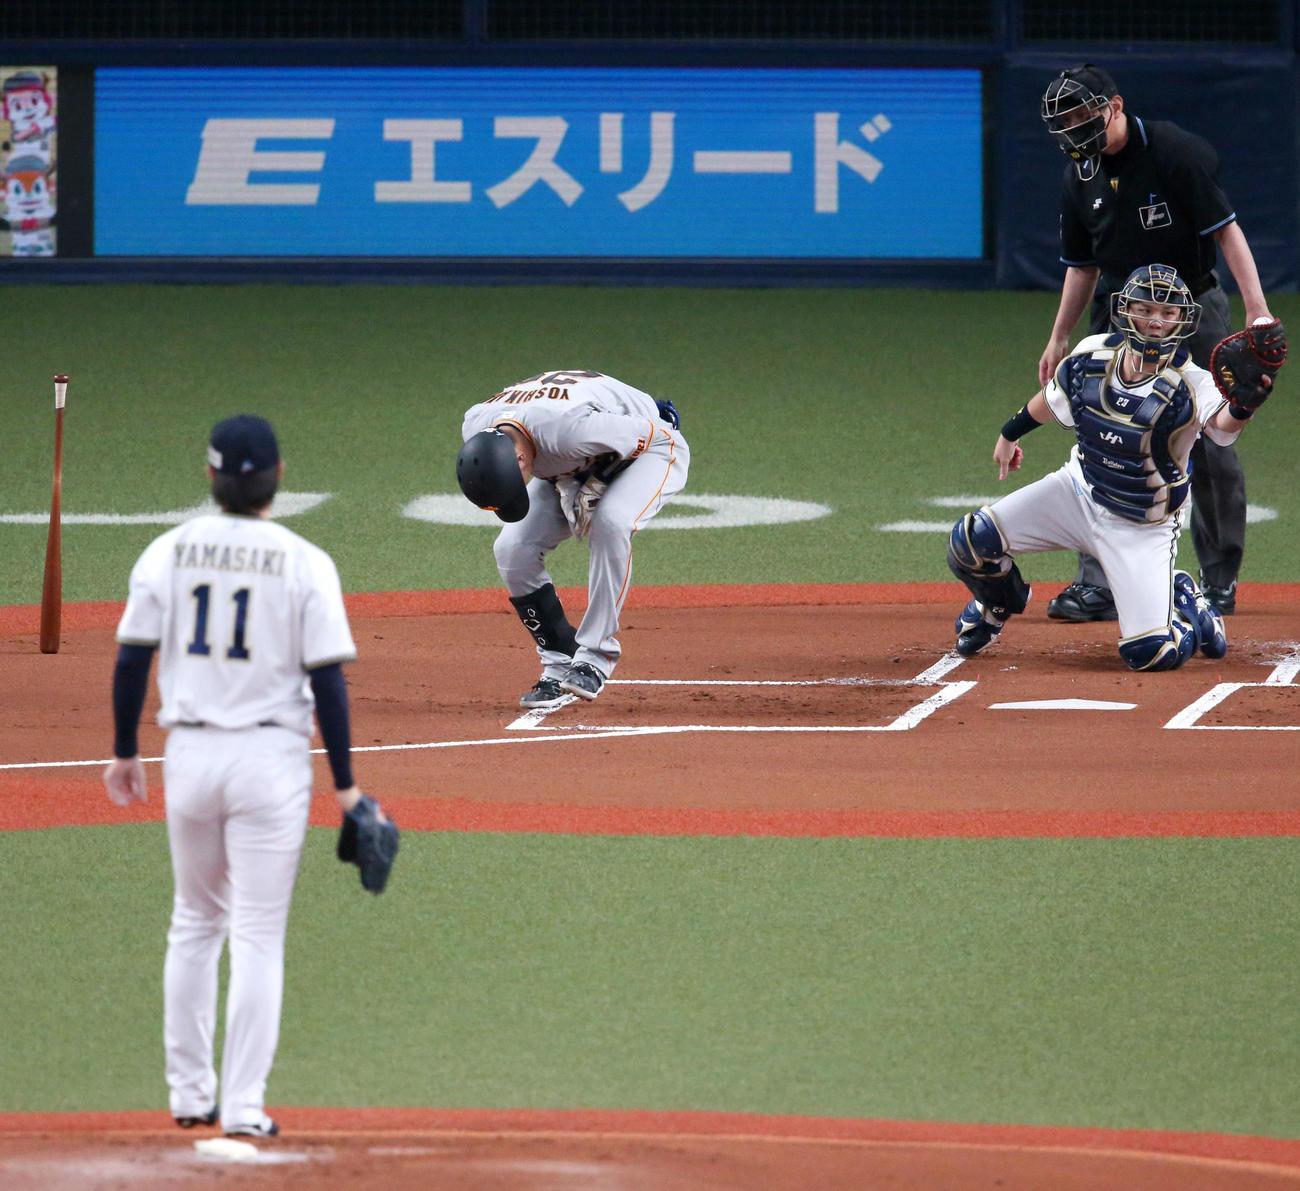 オリックス対巨人 1回表巨人2死、吉川は死球をうけ痛がる(撮影・上山淳一)